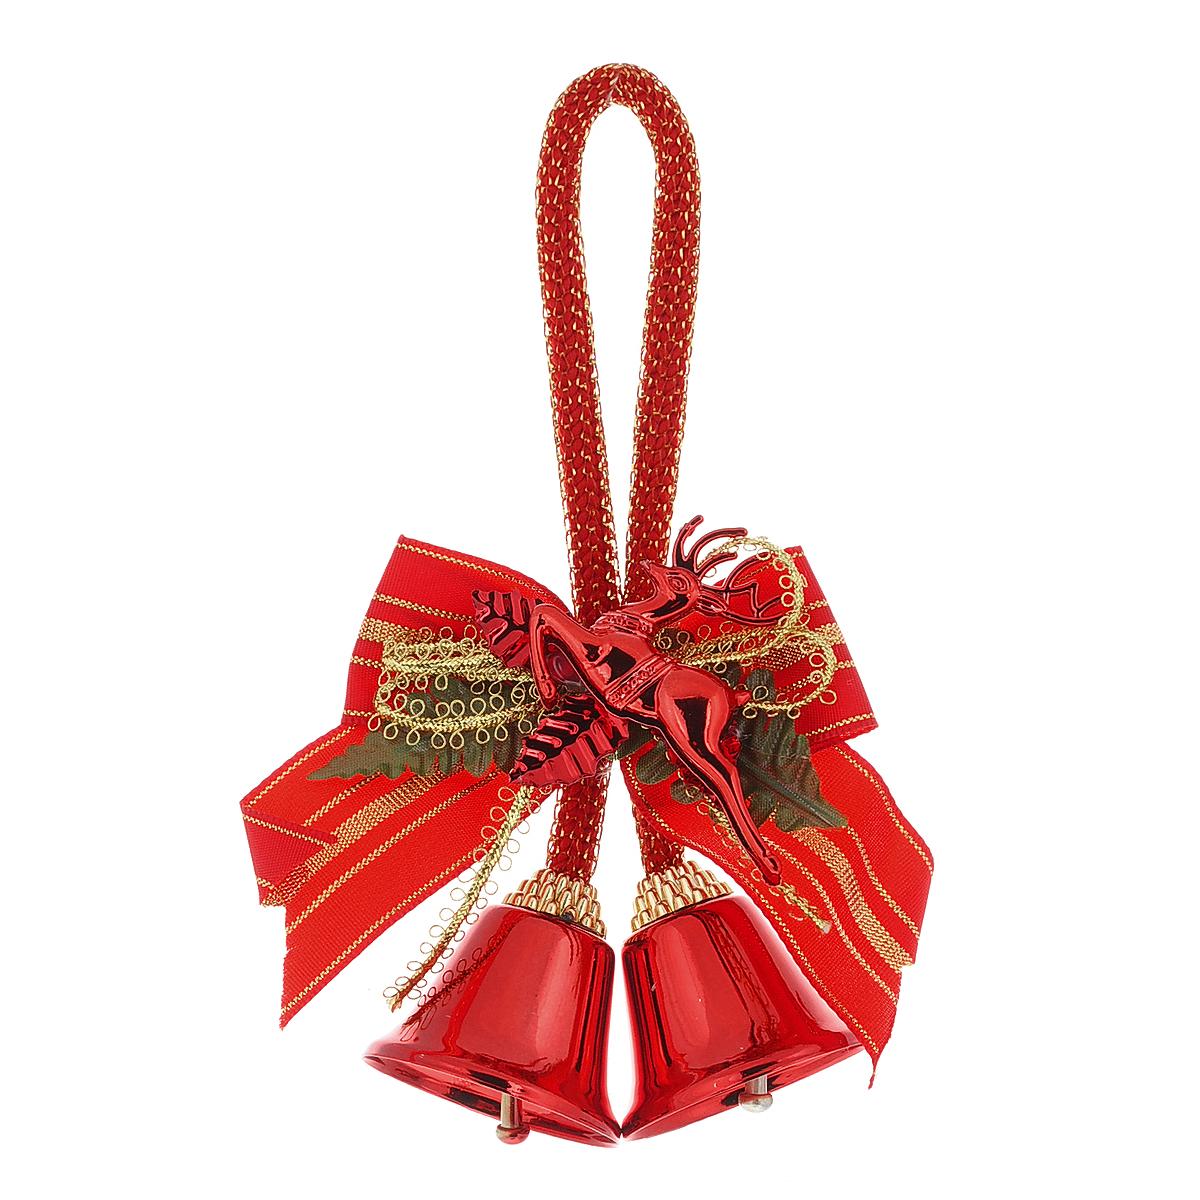 Новогоднее подвесное украшение Колокольчики 2, цвет: красный, золотистый, 9 х 13 х 3 см30649Оригинальное новогоднее украшение Колокольчики 2 прекрасно подойдет для праздничного декора новогодней ели. Украшение выполнено в виде текстильного банта с колокольчиками и с декоративным элементом в форме оленя. С помощью специальной петельки игрушку можно повесить на елку, где она будет красиво смотреться и радовать глаз. Коллекция декоративных украшений из серии Magic Time принесет в ваш дом ни с чем несравнимое ощущение волшебства!